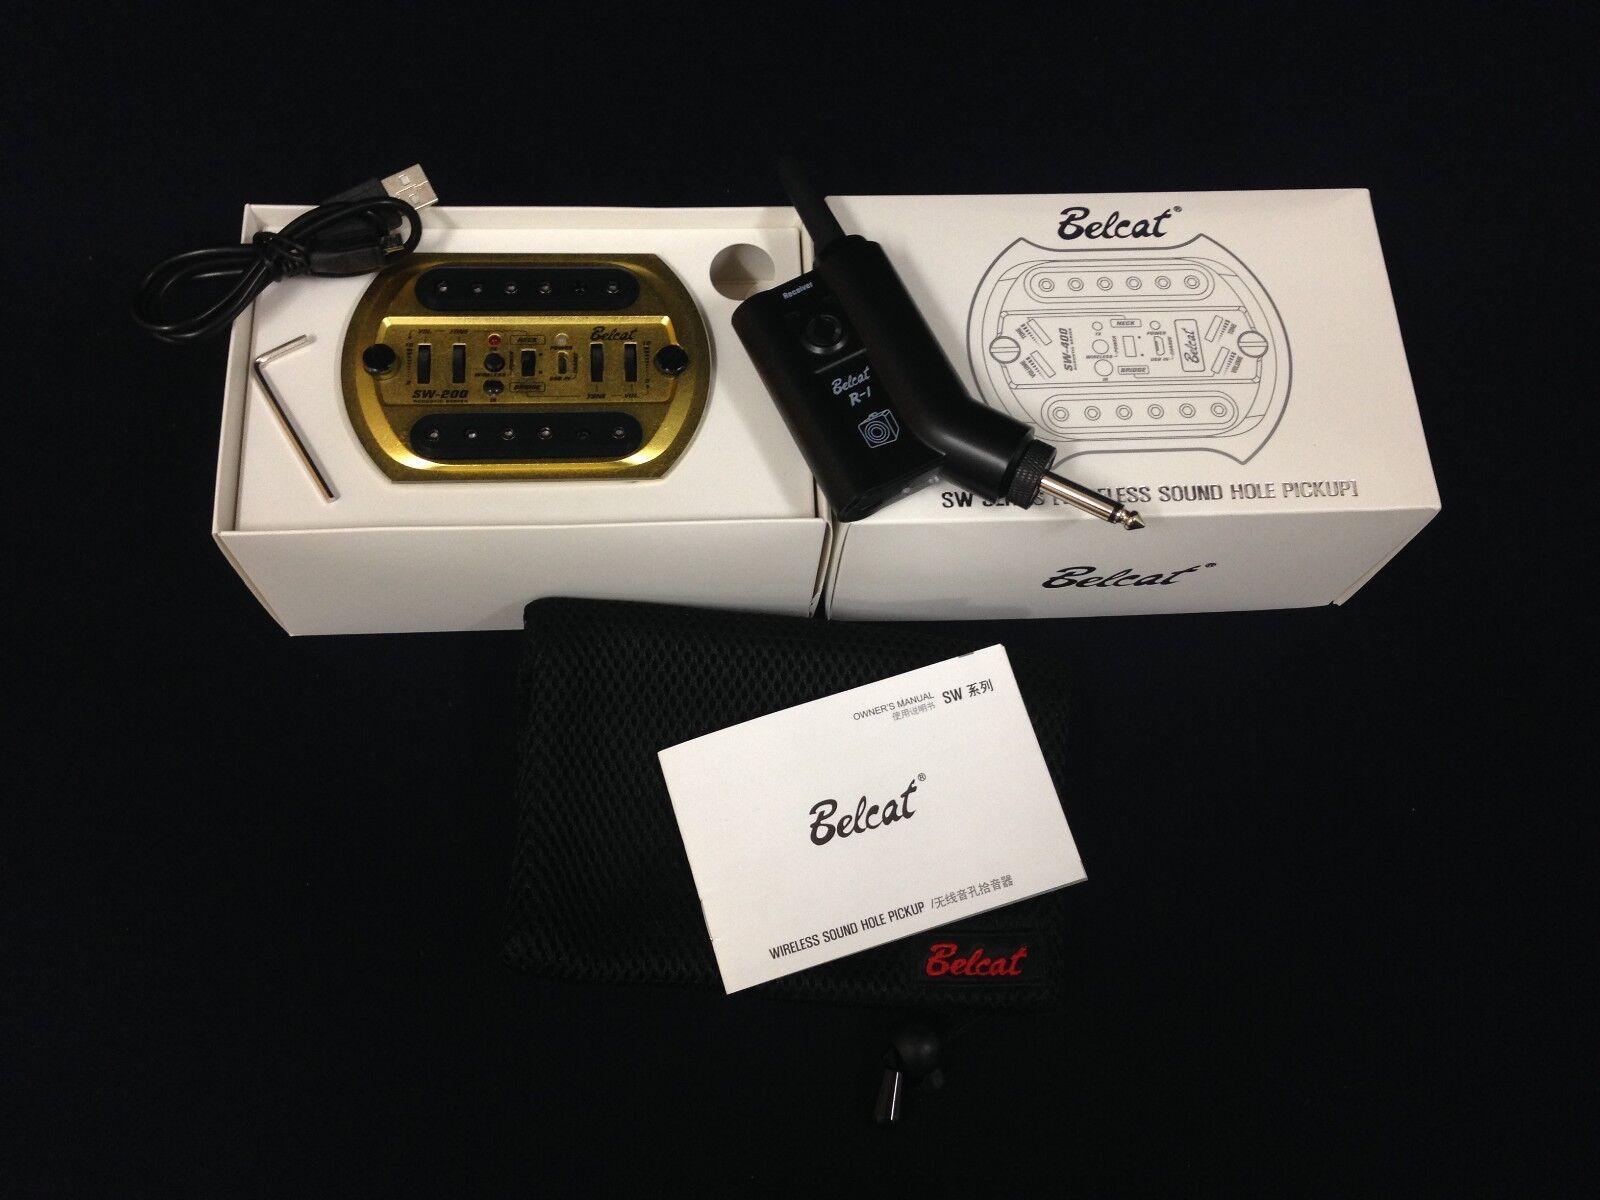 Belcat recogida agujero de de de sonido inalámbrico, Negro oro, Batería Recargable, SW-200 R1 USB.  la calidad primero los consumidores primero